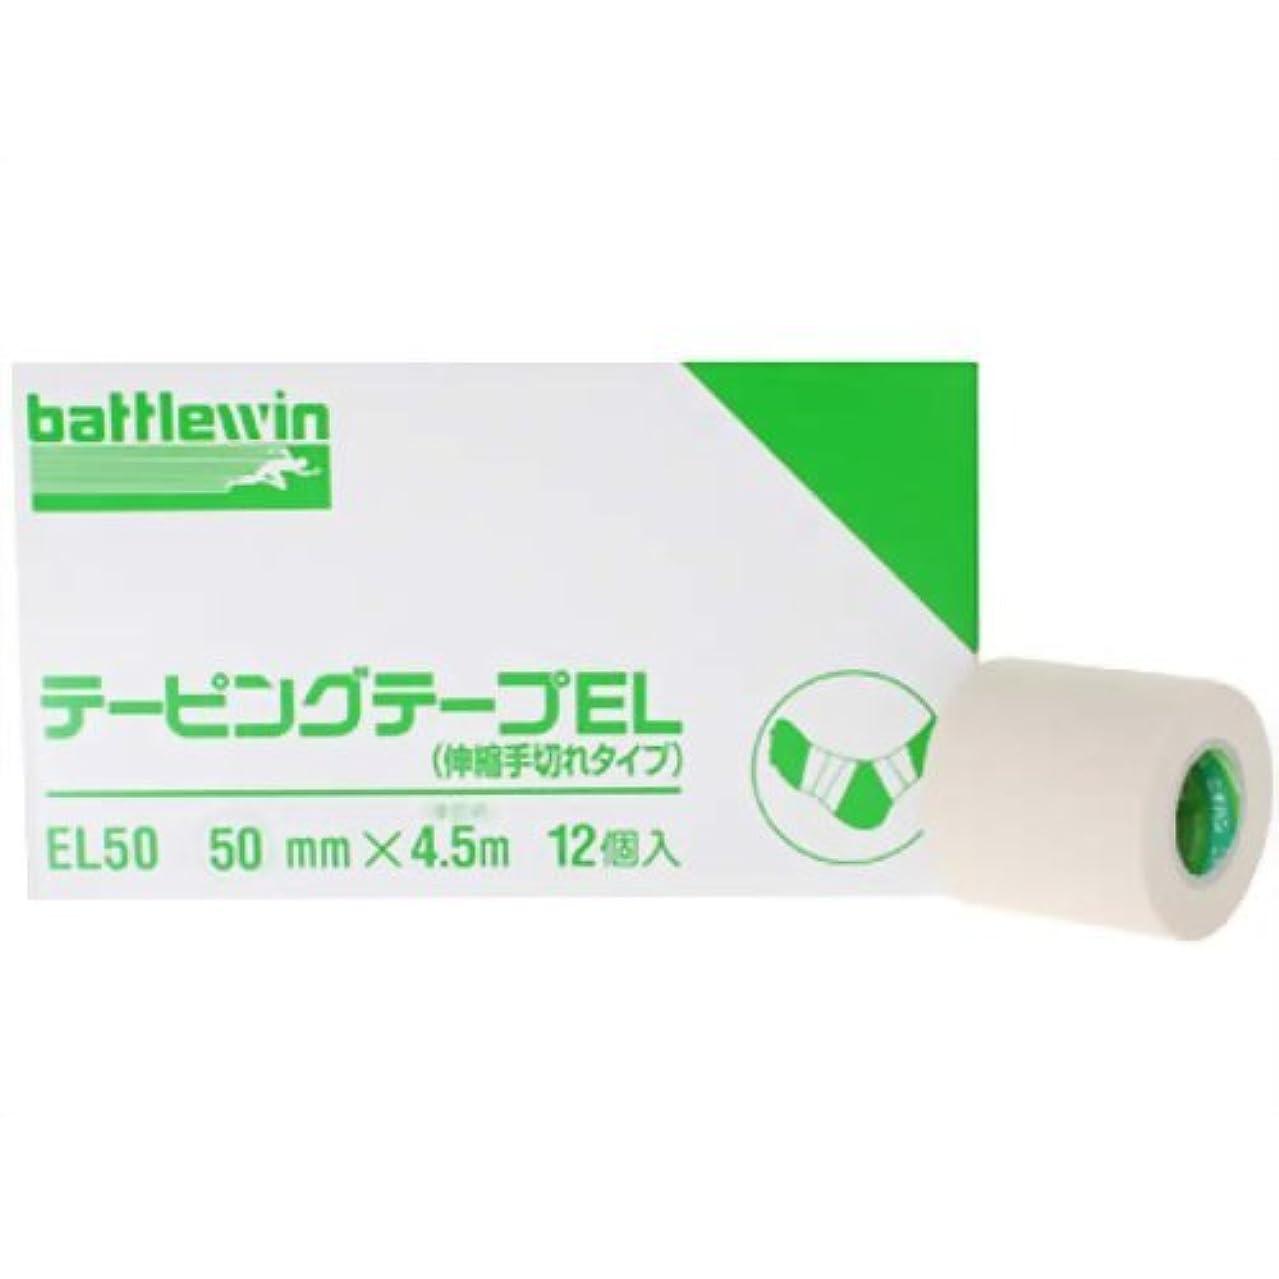 折るほこりっぽい生き物バトルウィン テーピングテープEL 伸縮?手切れタイプ 50mm*4.5m 12個入 EL50